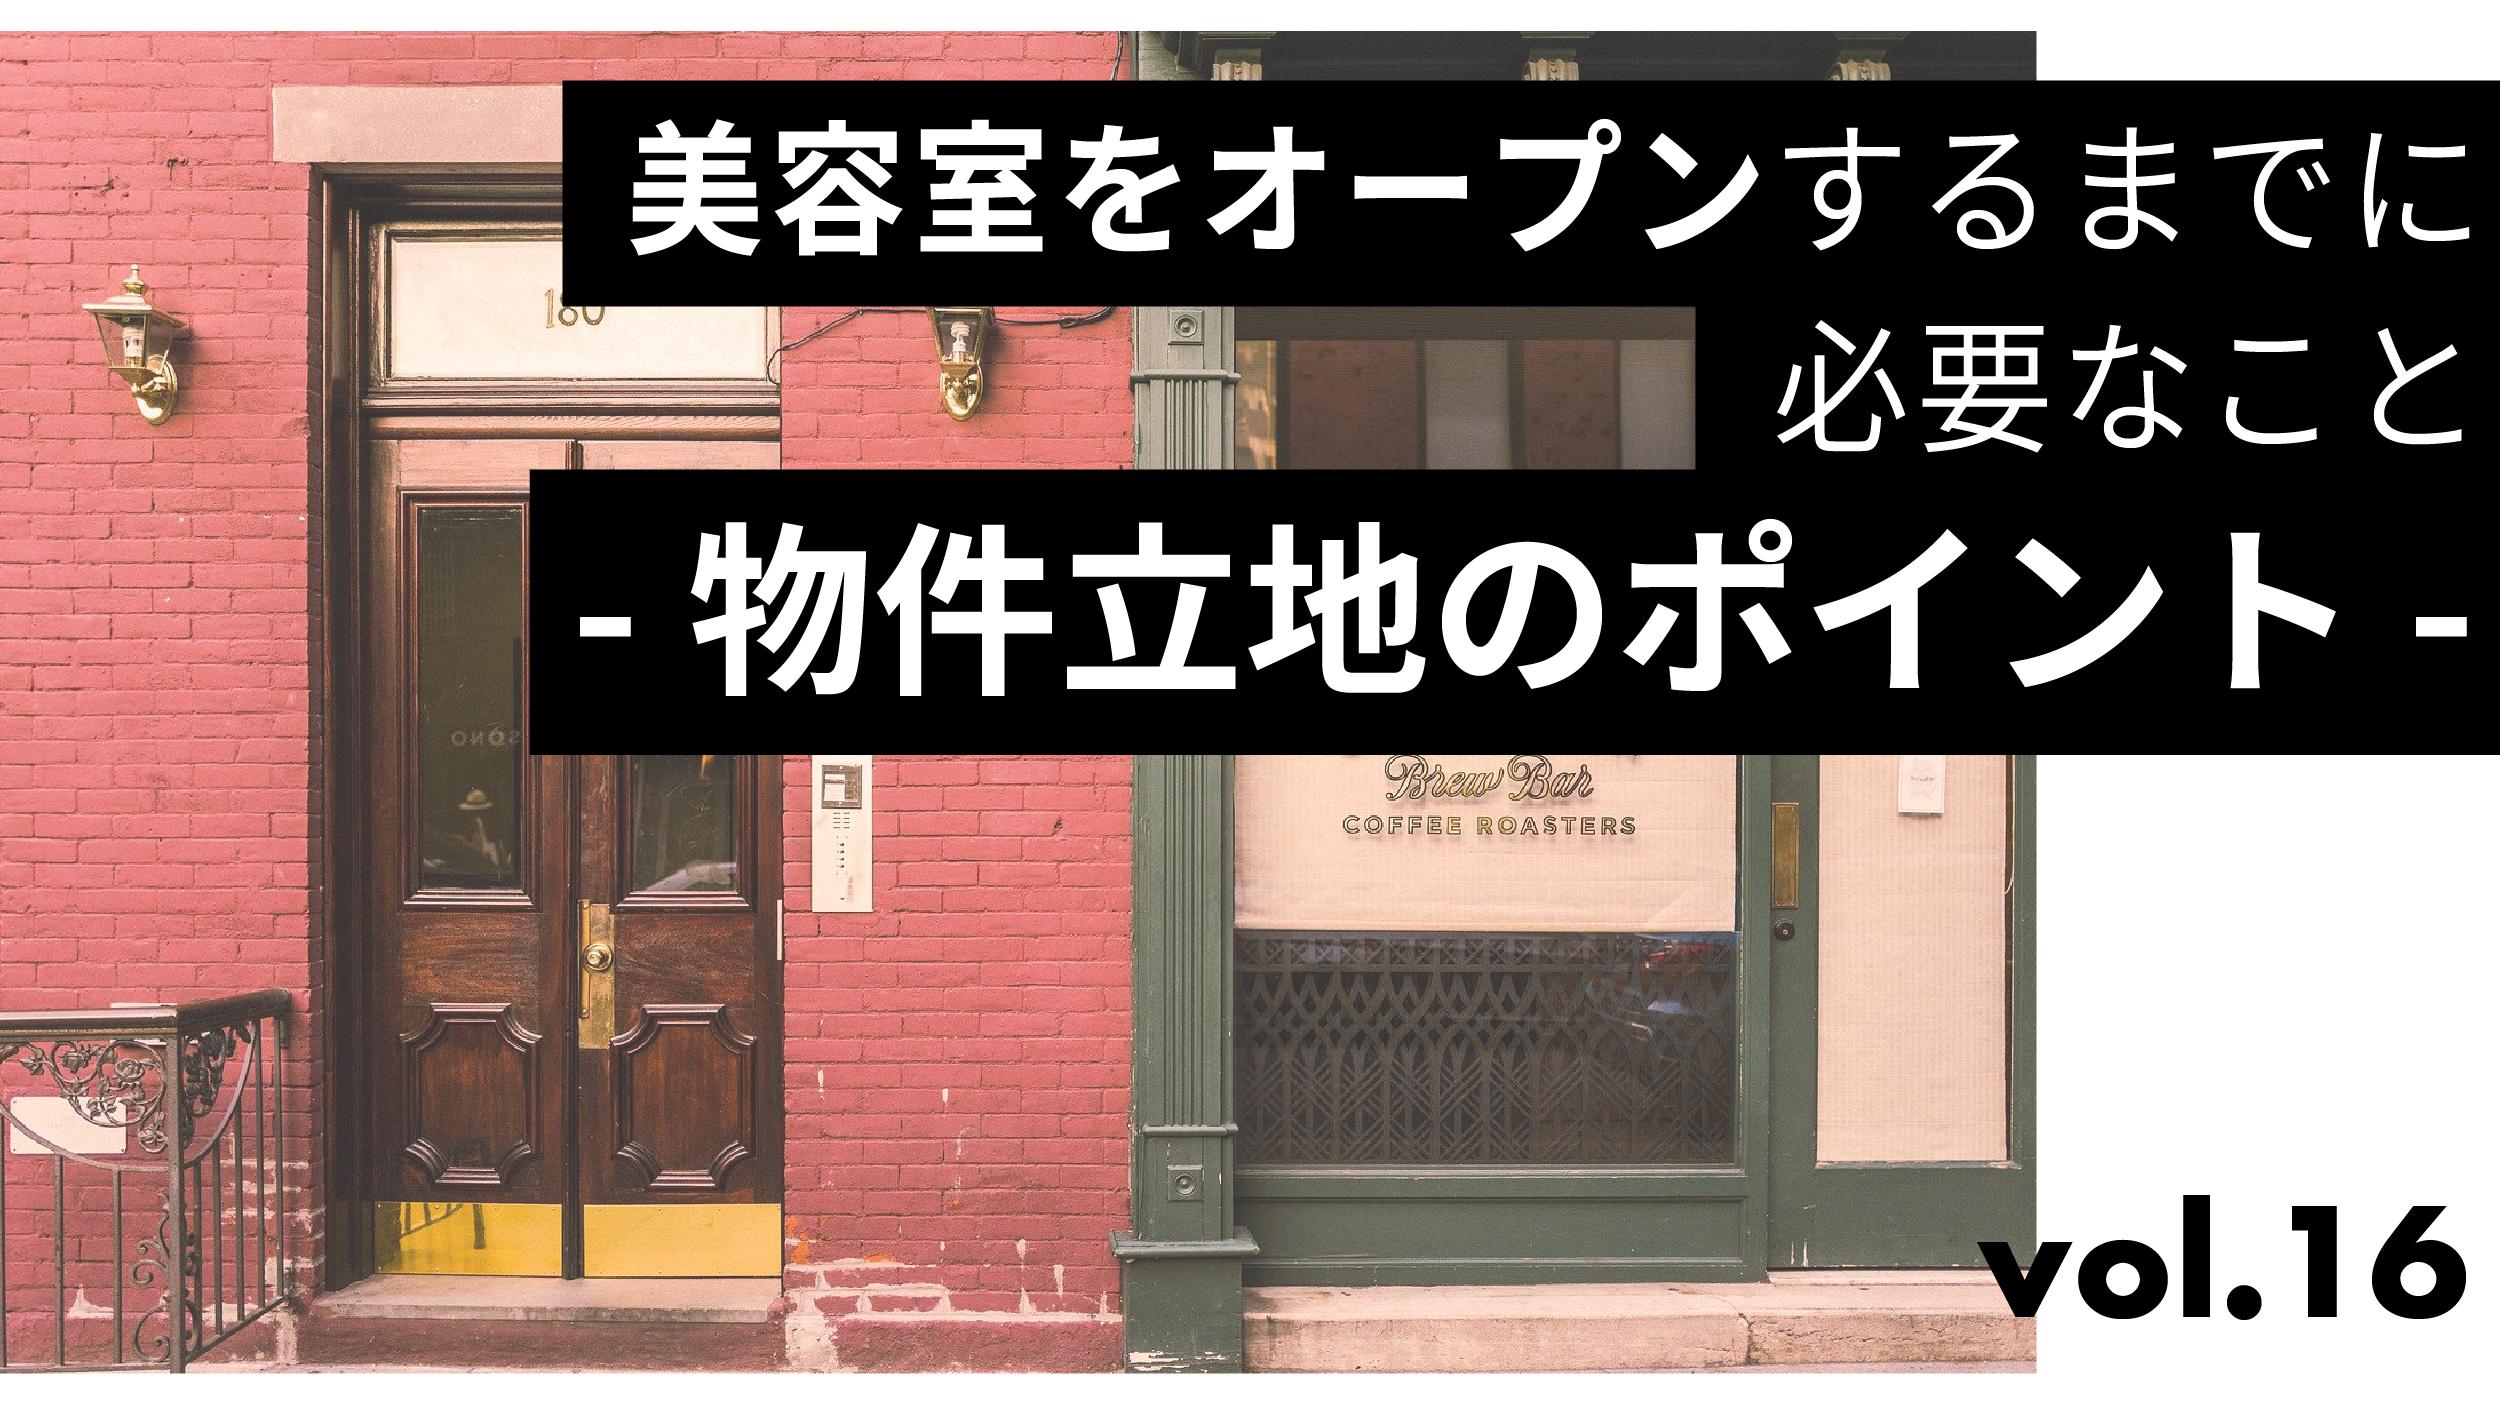 【美容室独立開業】候補物件の選定 | 物件の立地に関する3つのポイント-vol.16